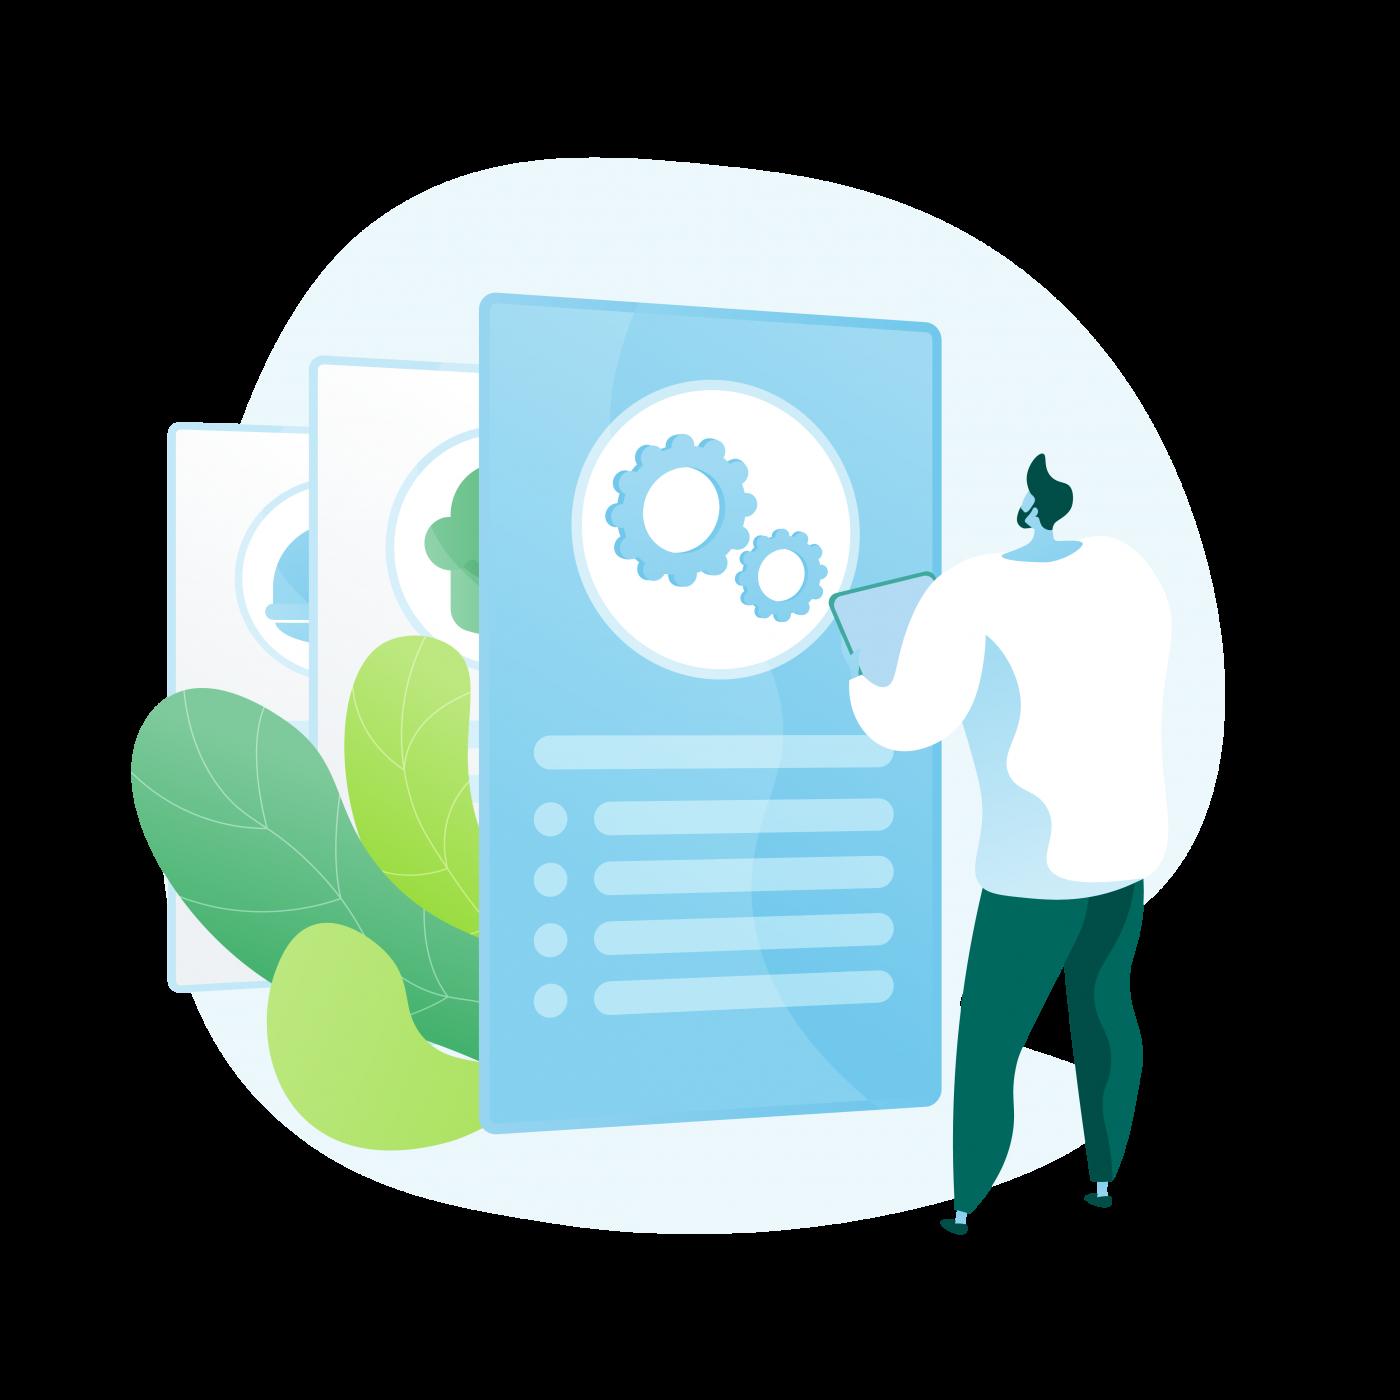 Registrering og administrasjon illustration